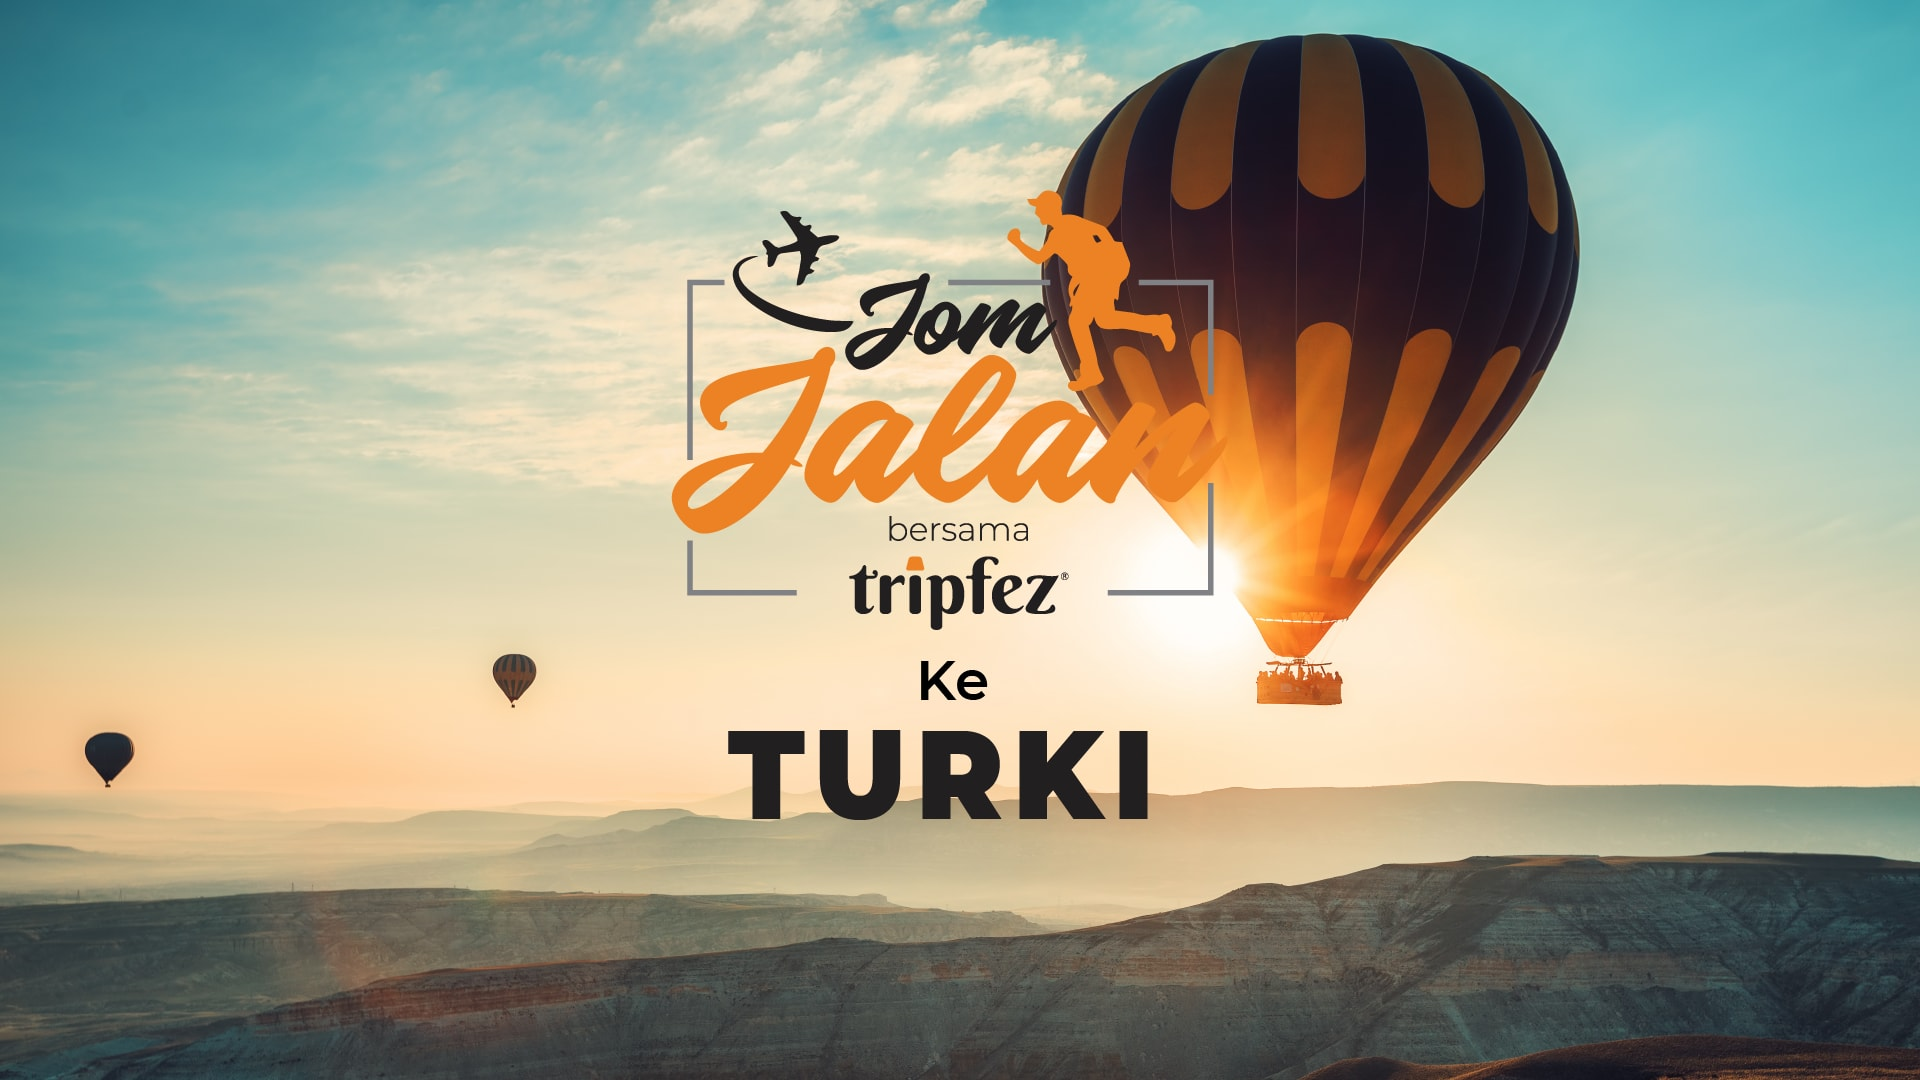 - Tripfez Travel